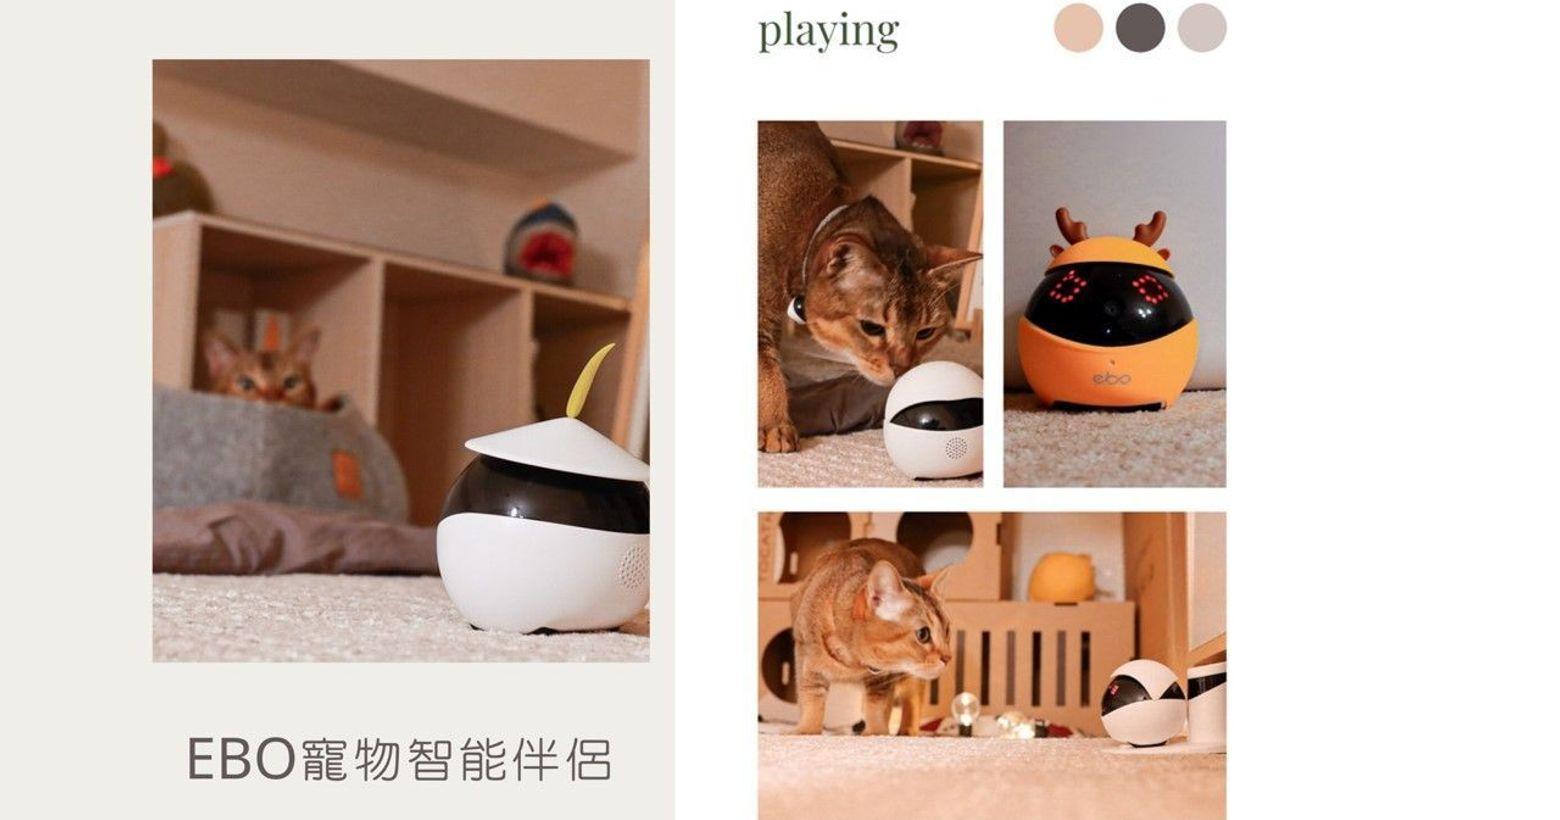 最貼心的陪伴、最真實的互動|EBO 寵物智能機器人陪貓玩只能玩逗貓棒嗎?主人出門只有監視器看著貓咪睡